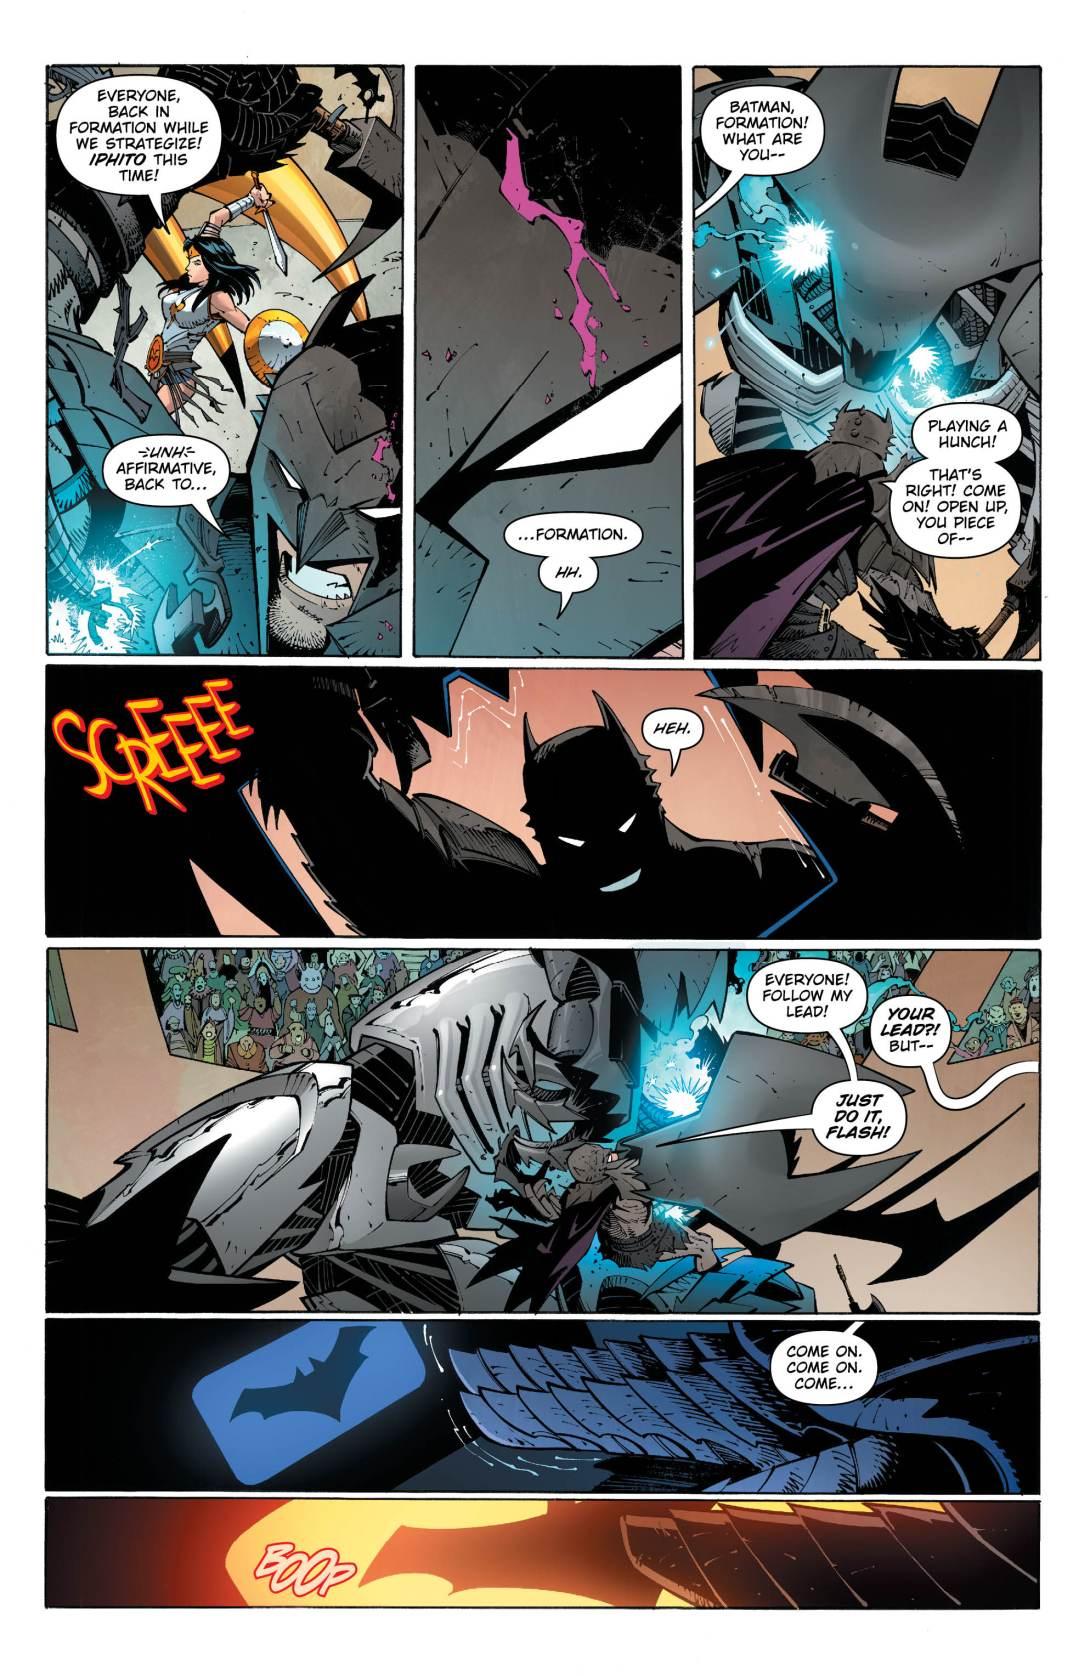 Metal Page 6 - DC Comics News